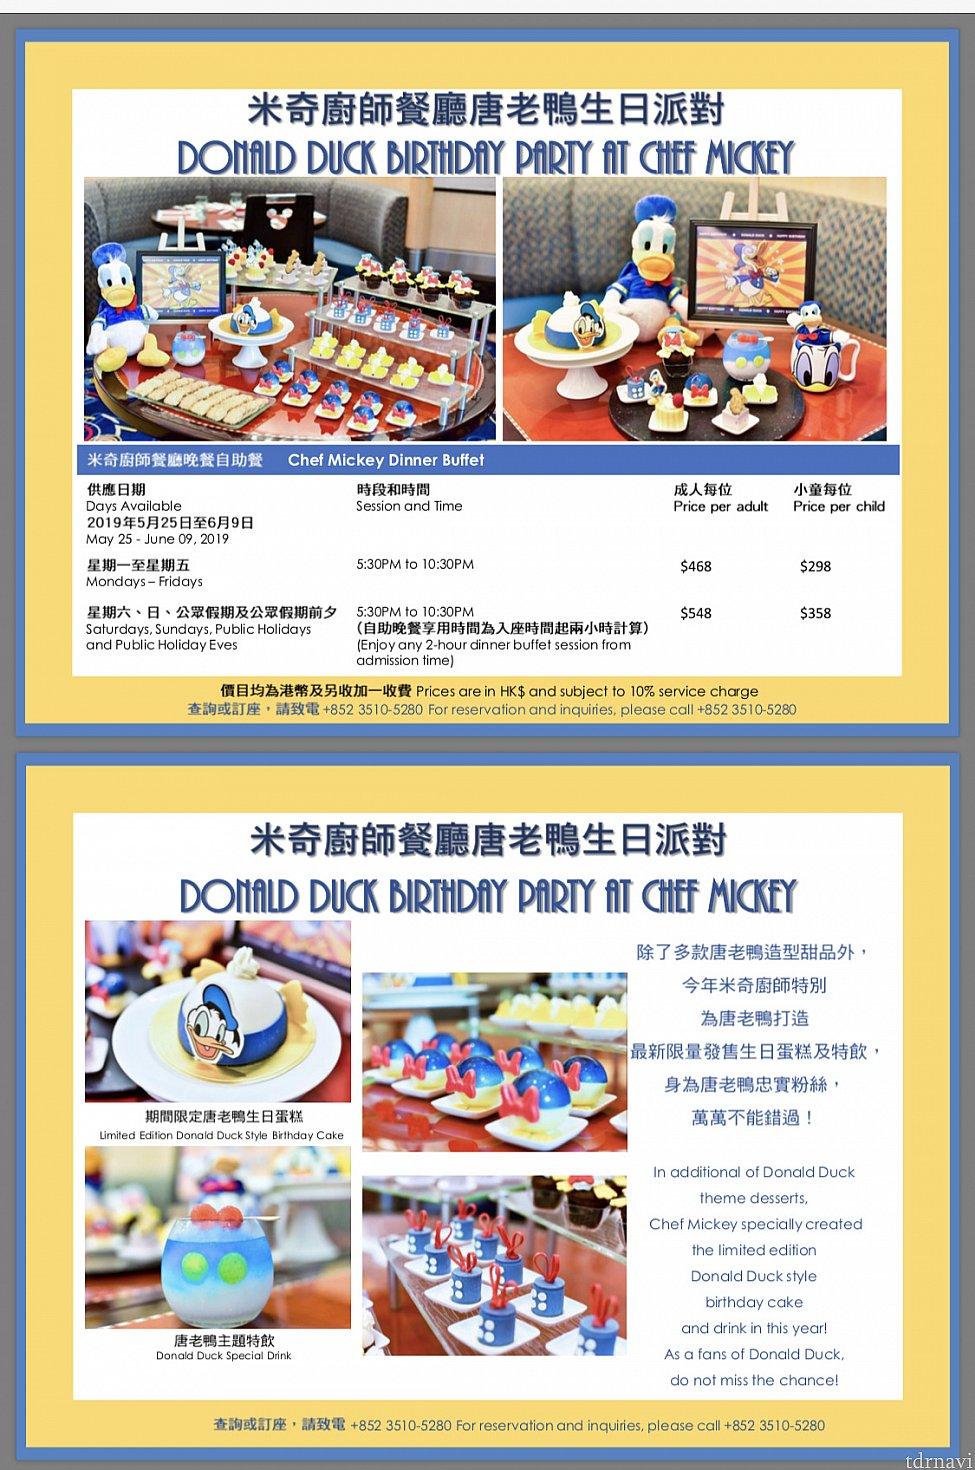 別料金で、ドナケーキやドナのスペシャルドリンクも販売してました。スペシャルドリンクはキャストさんがお盆に乗せて売りにきました。